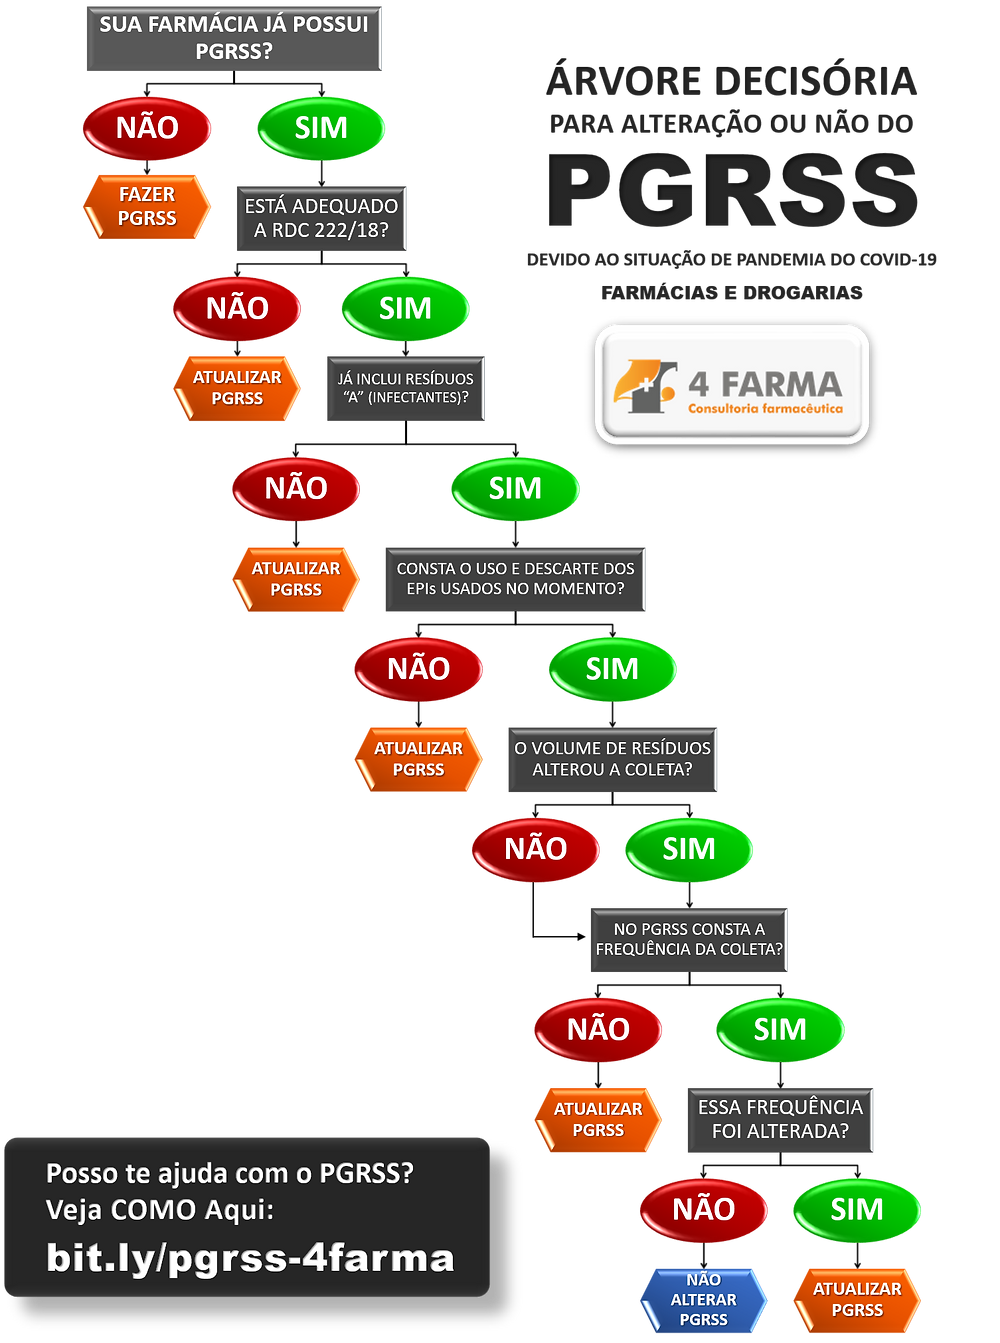 Árvore Decisória: Alterar ou Não o PGRSS